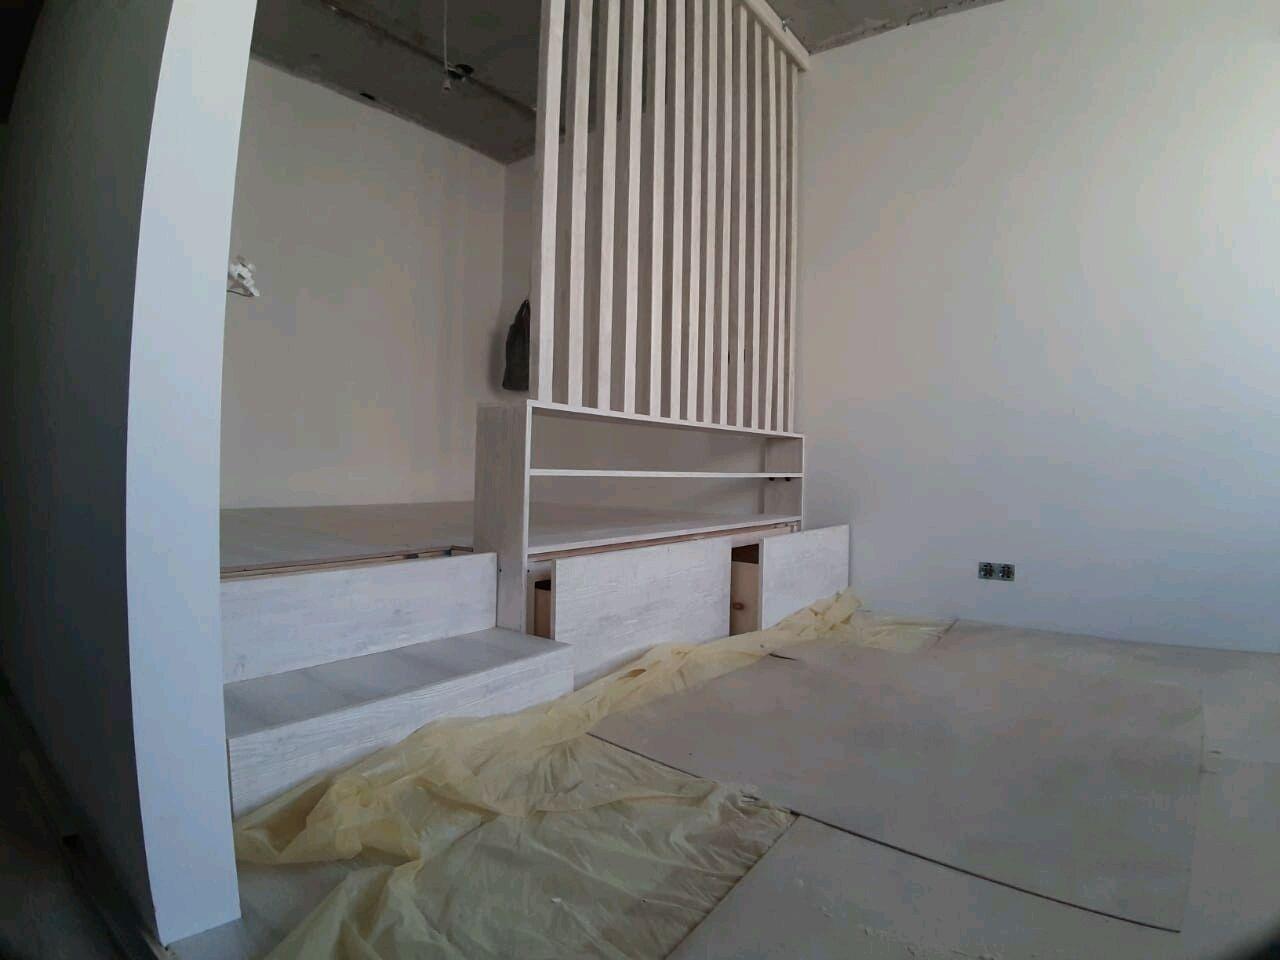 Кровать подиум в маленькую квартиру, Кровати, Москва, Фото №1